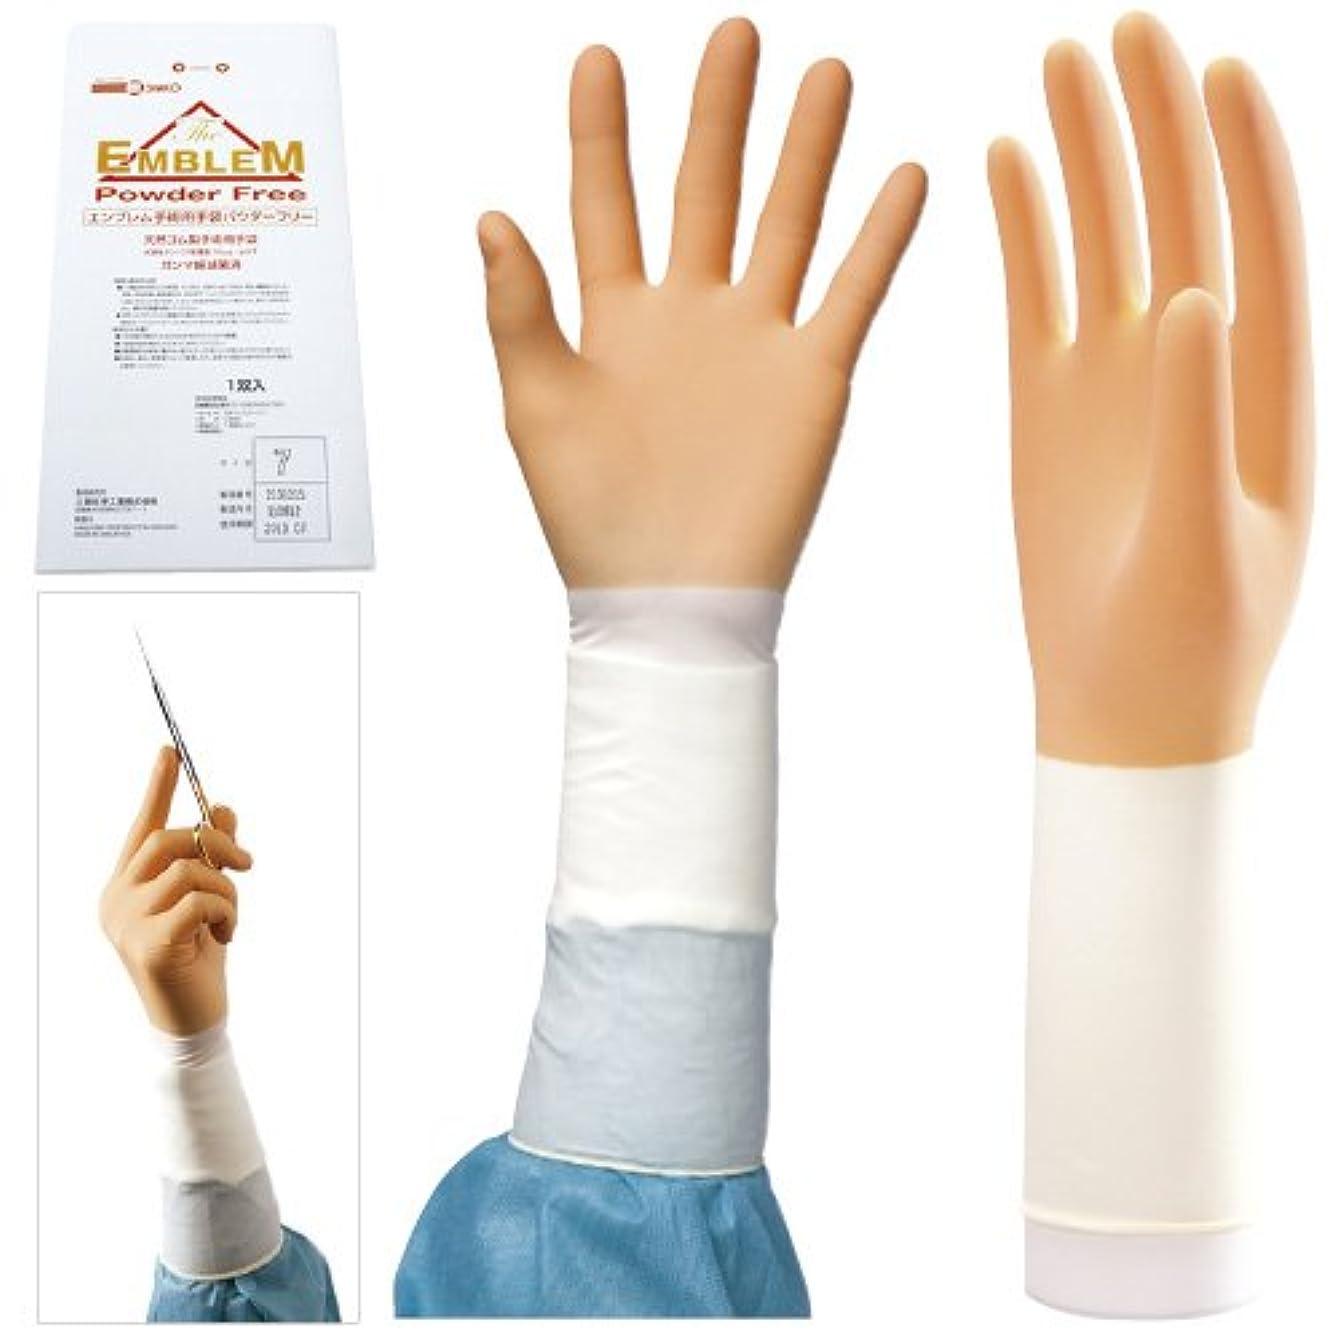 優しさ過度の利用可能エンブレム手術用手袋 パウダーフリー NEW(20双入) 7